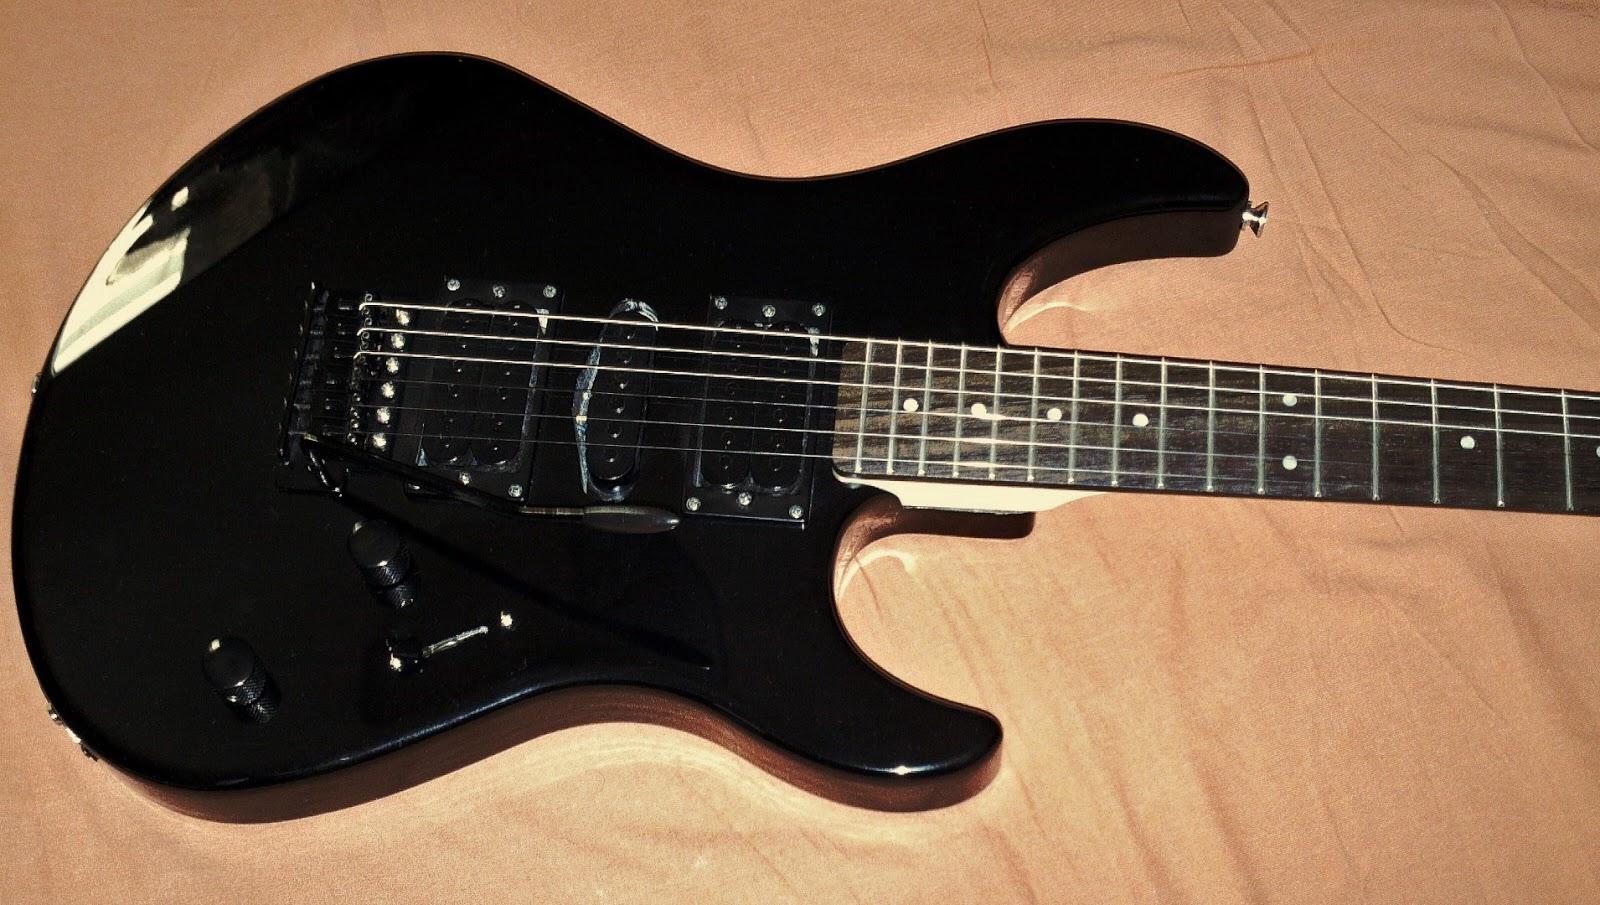 yamaha erg 121 mods guitar dreamer. Black Bedroom Furniture Sets. Home Design Ideas